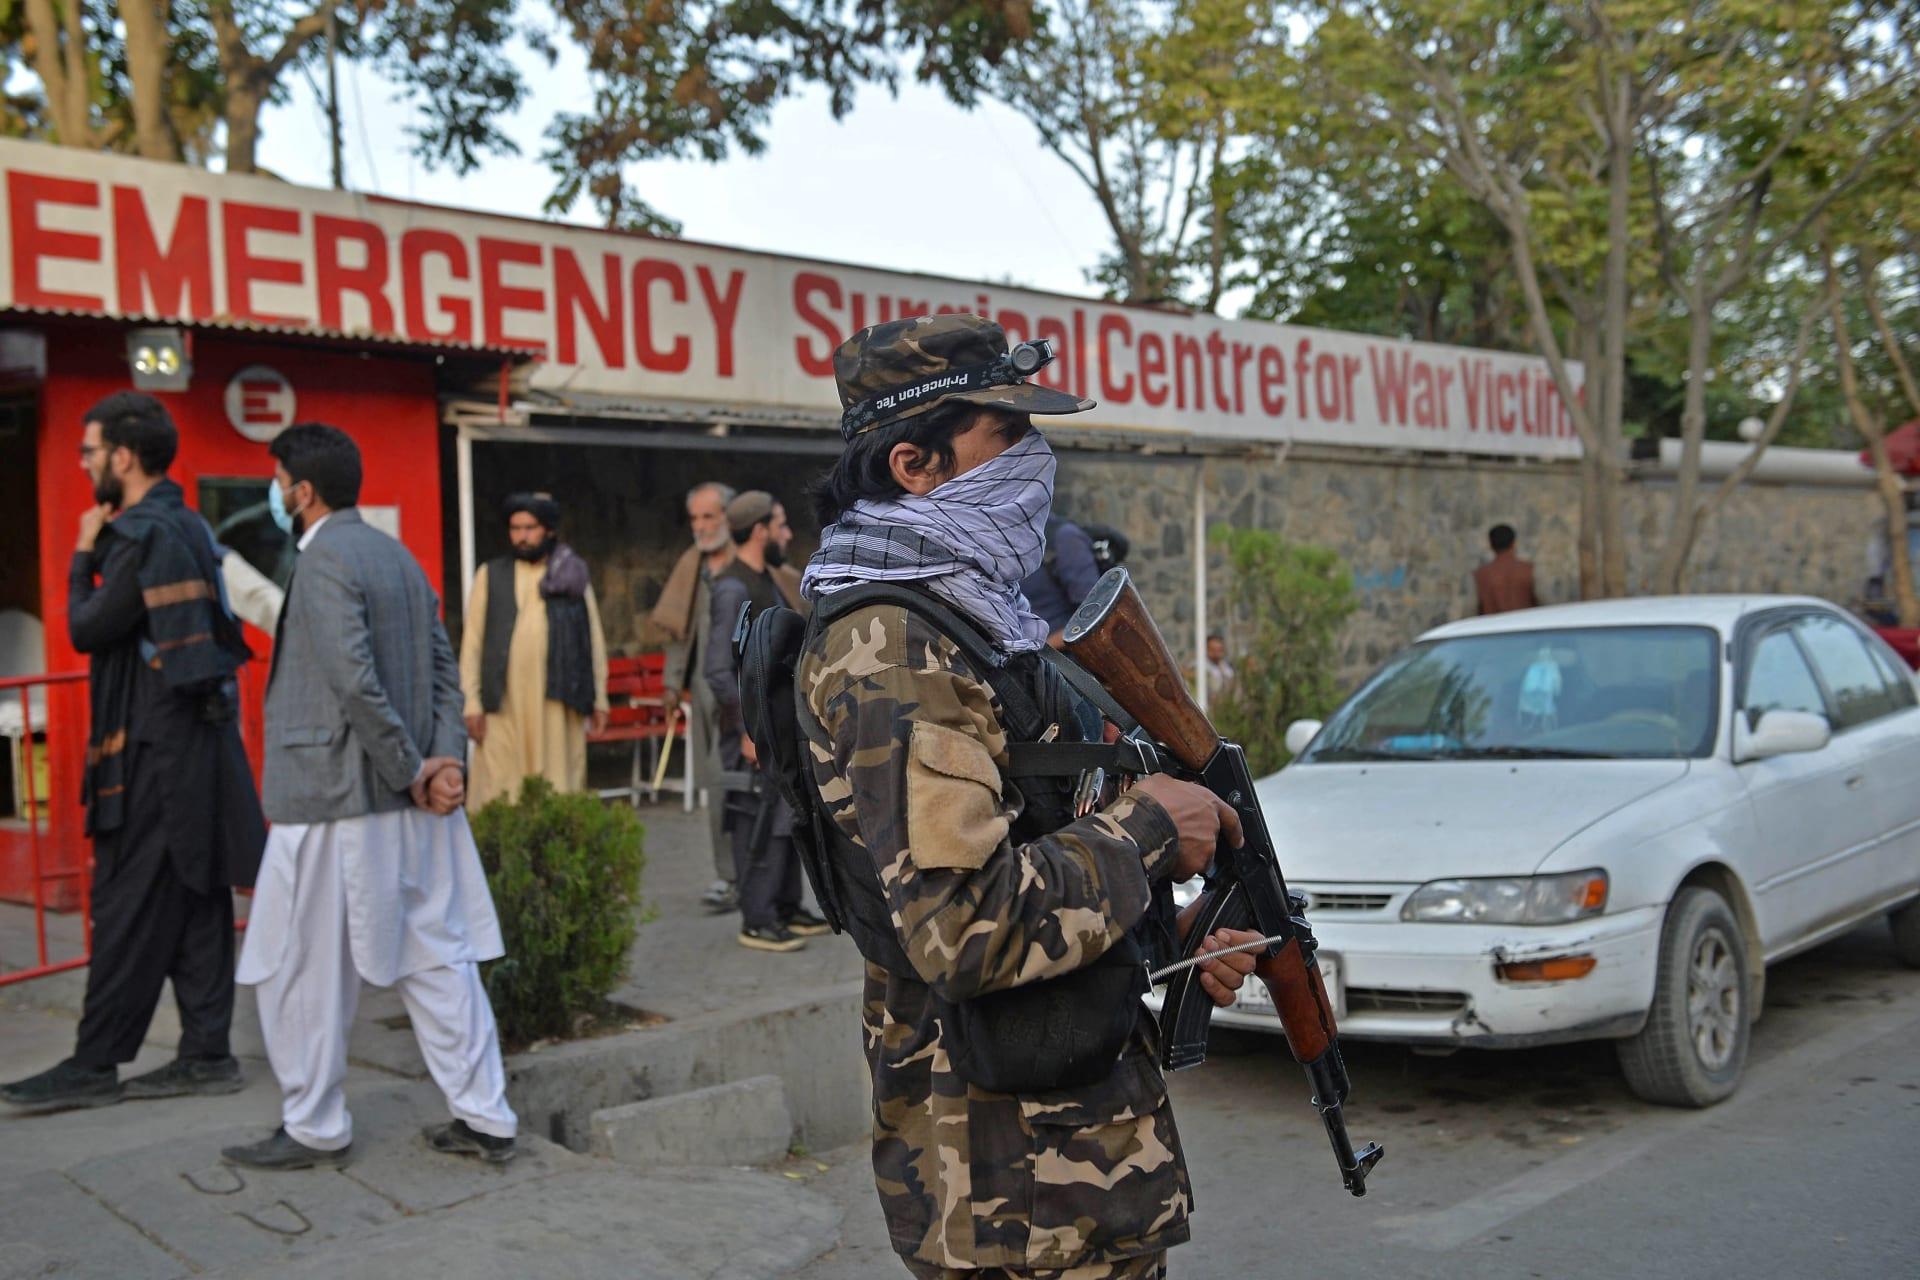 مقاتلو طالبان يقفون في حراسة أمام مدخل مستشفى حيث سيتم إحضار ضحايا الانفجار في كابول، في 3 أكتوبر 2021